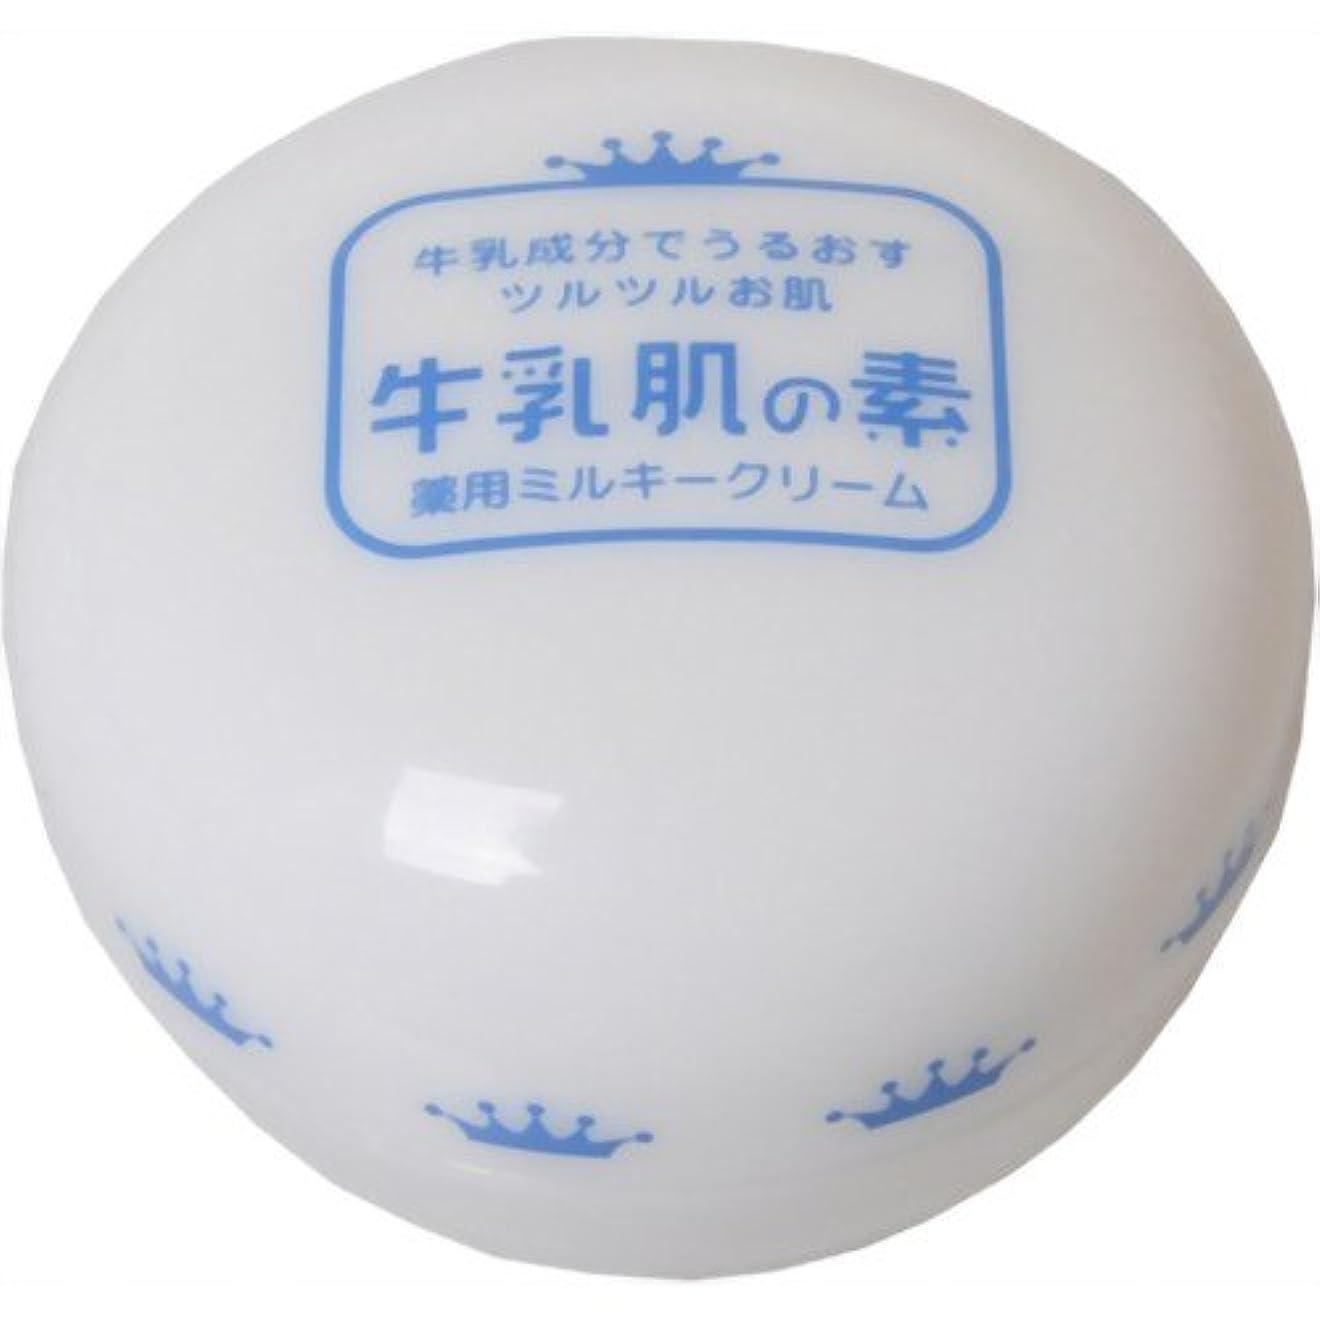 シェフ罪人消す牛乳肌の素 薬用ミルキークリーム 20g